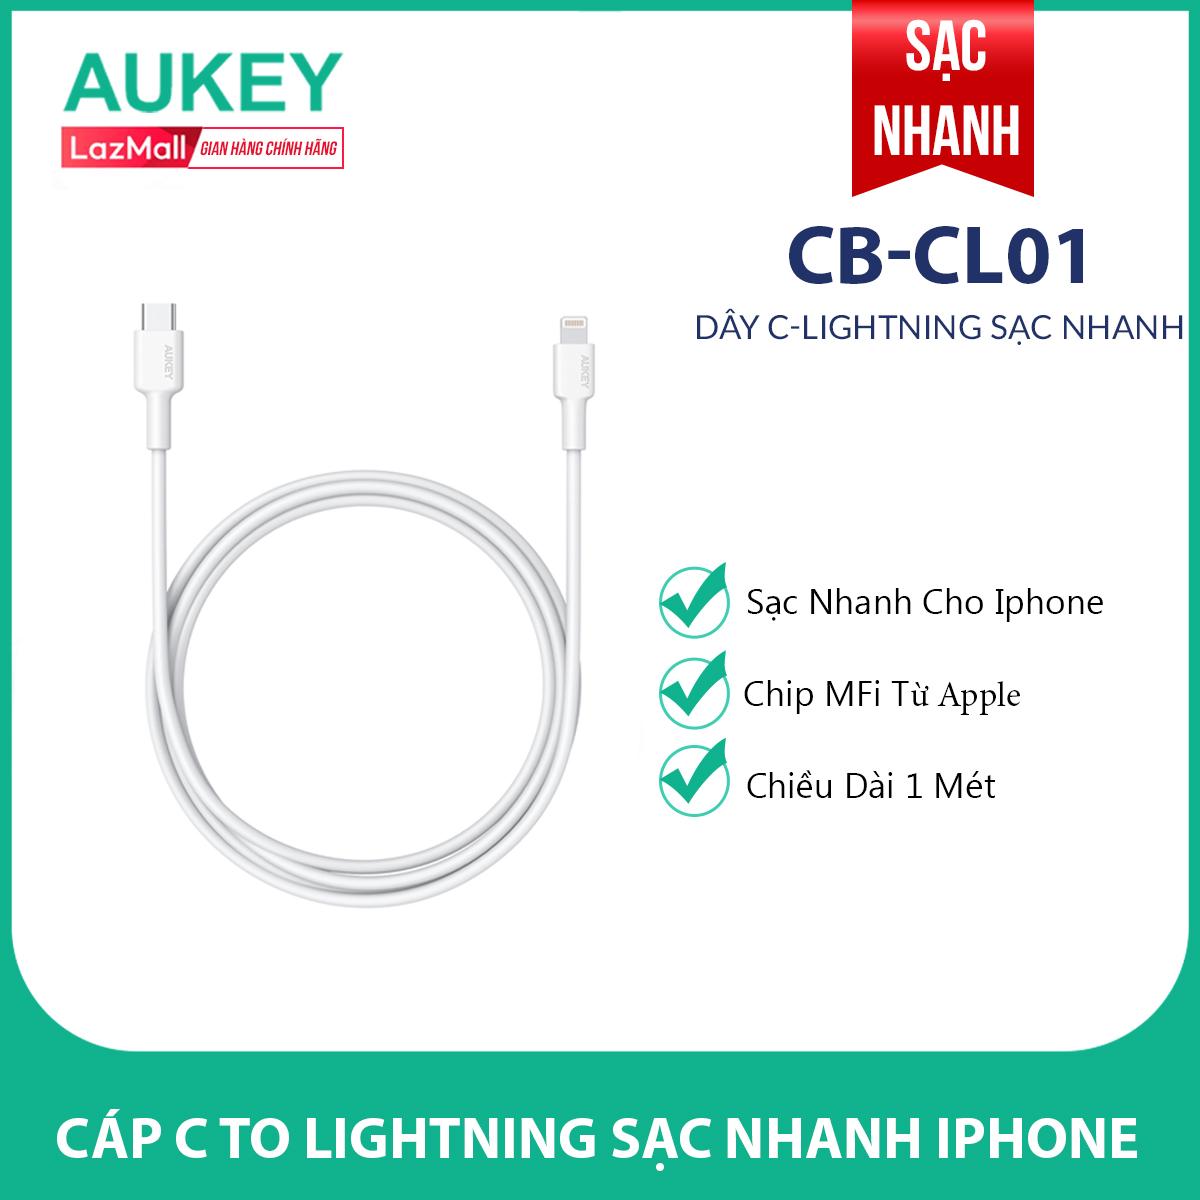 Cáp Sạc Type C To Lightning Aukey CB-CL01 Chuẩn MFi Apple Cao Cấp Dài 1 Mét - Hàng Phân Phối Chính Hãng